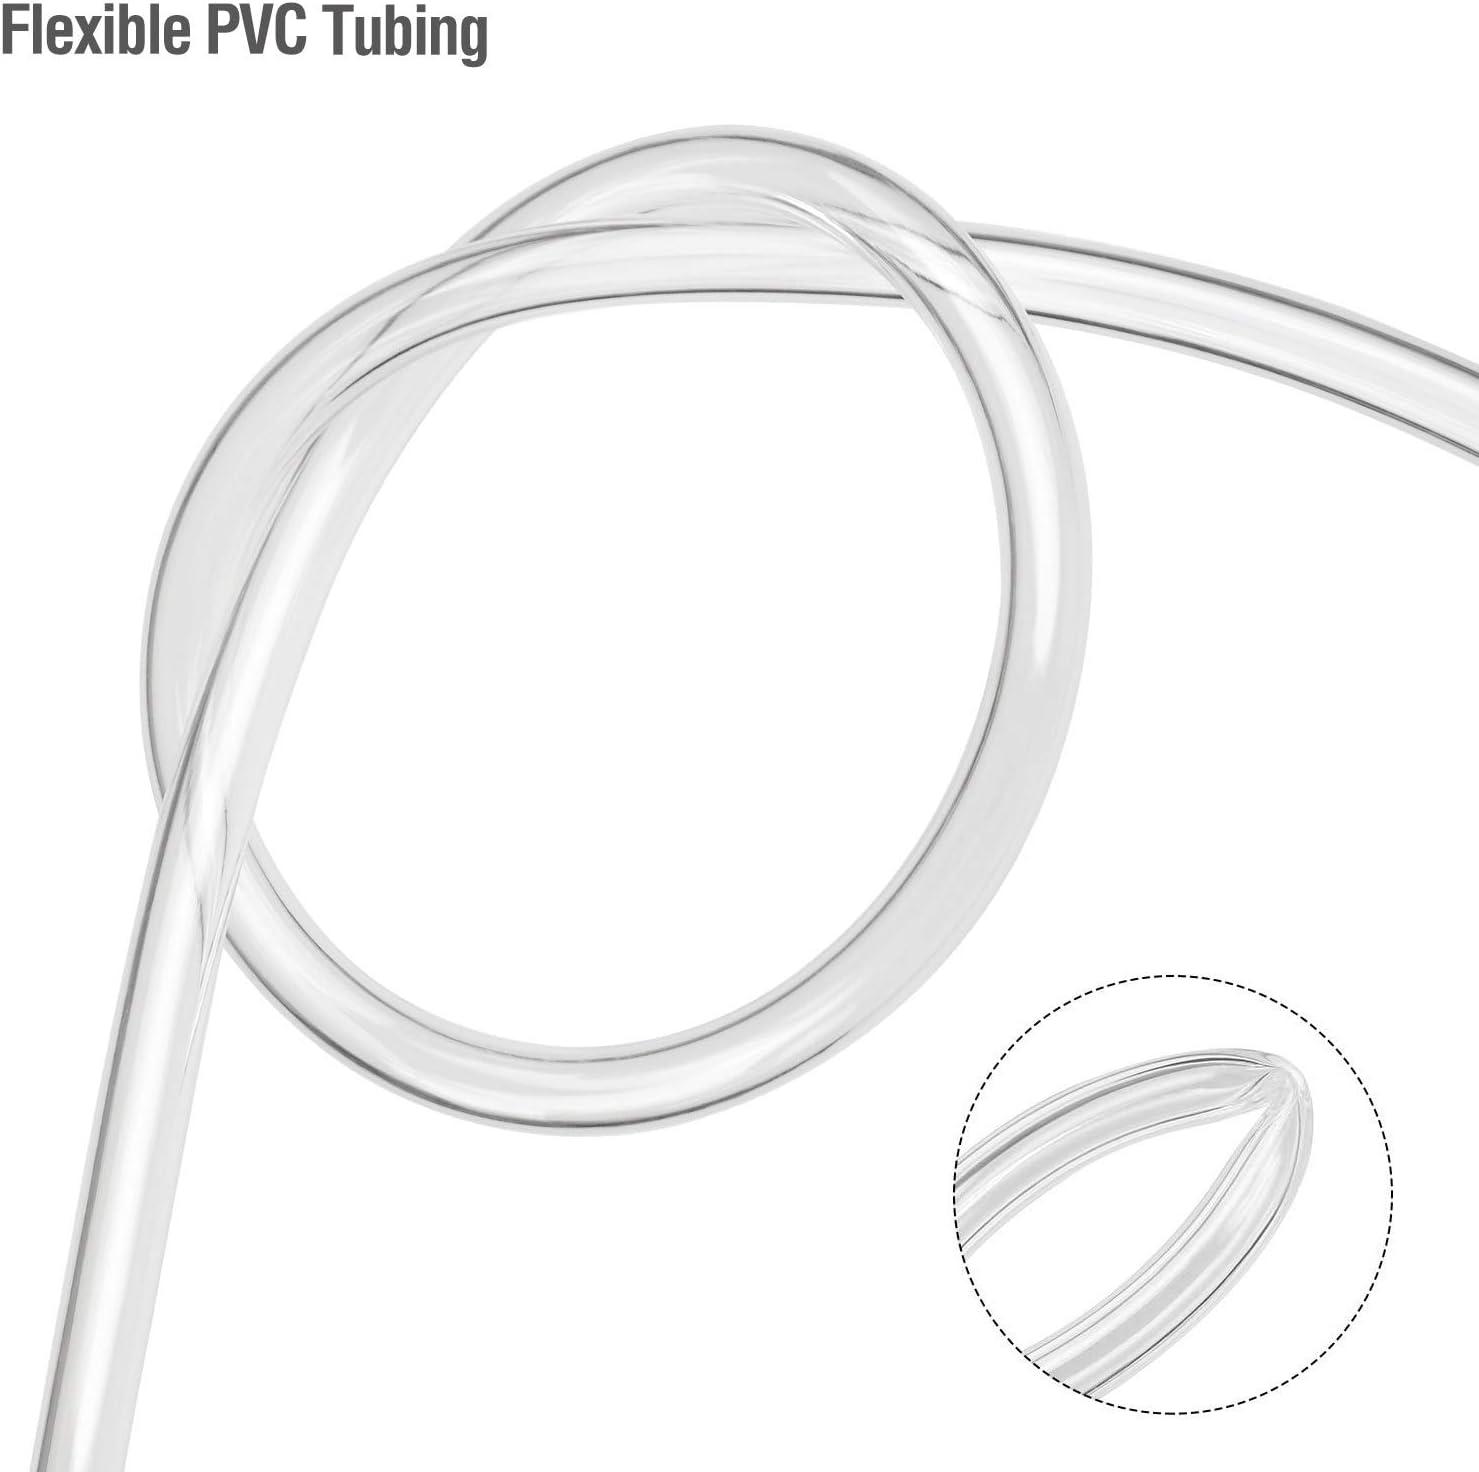 Tubo flexible de PVC de grado alimenticio 8 mm ID x 11 mm Hyber/&Cara di/ámetro exterior de 5 m con 2 abrazaderas de manguera